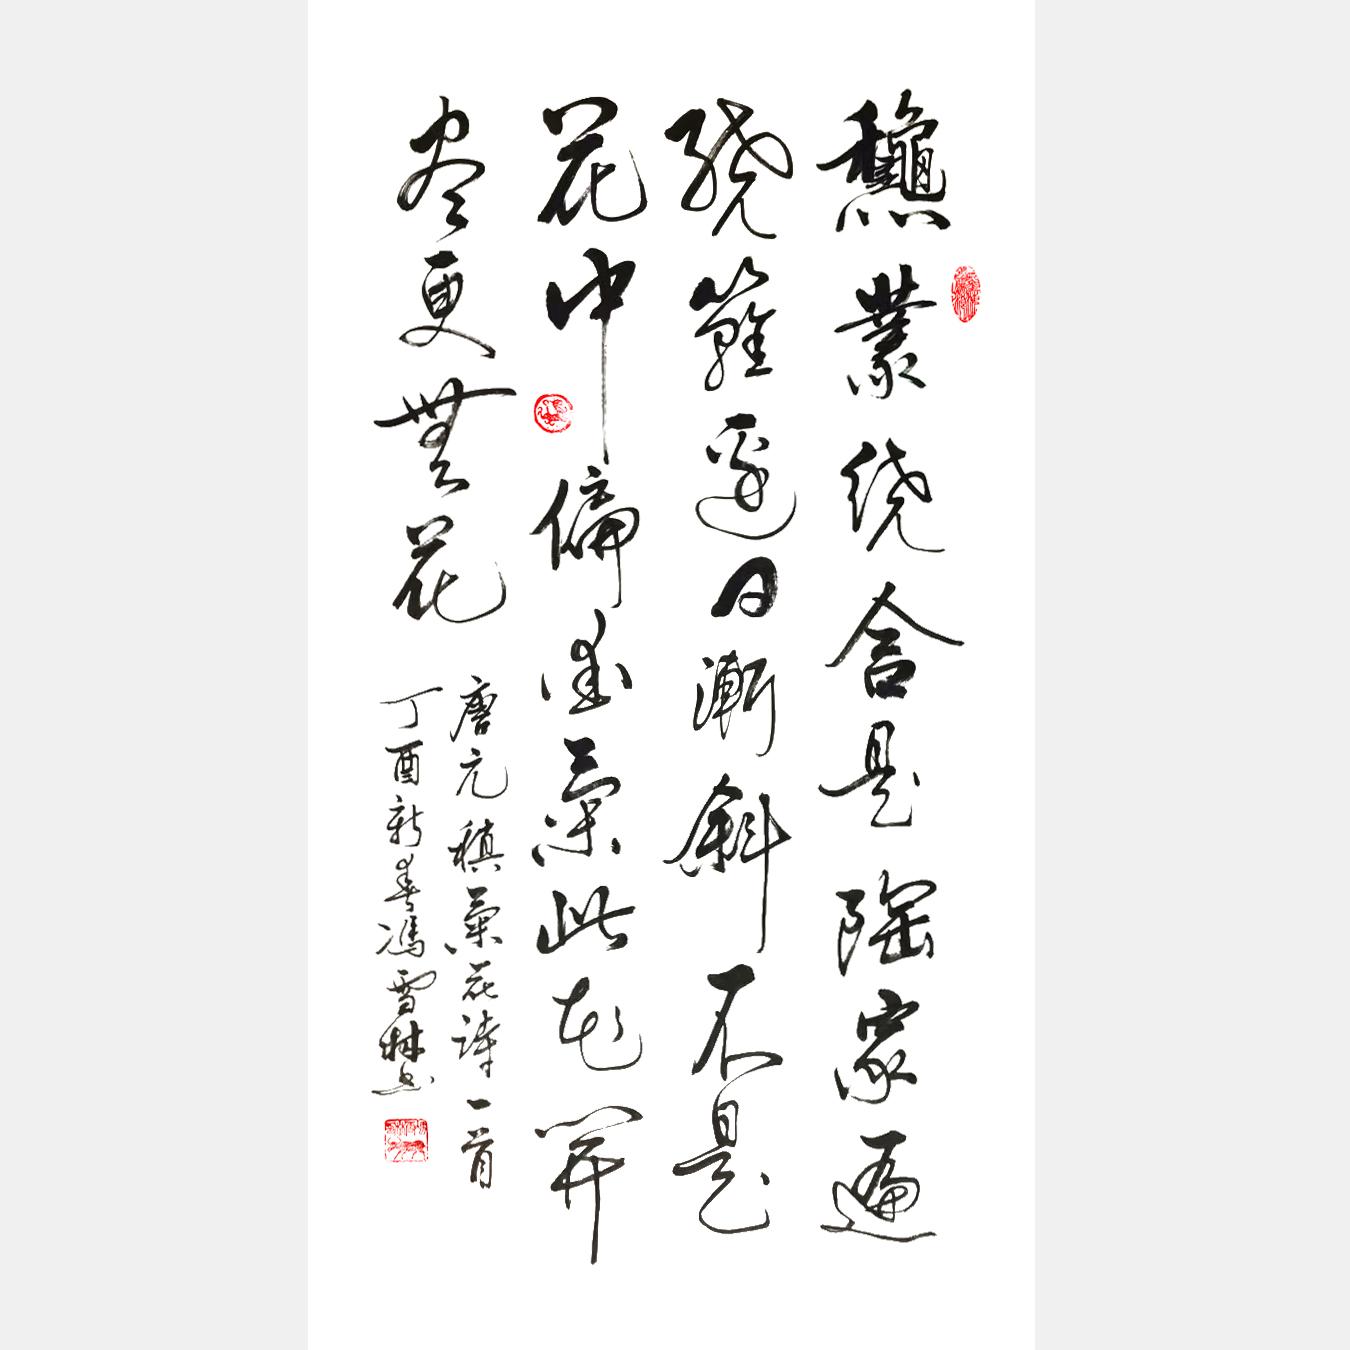 元稹《菊花》行书书法作品 条幅 咏菊名篇